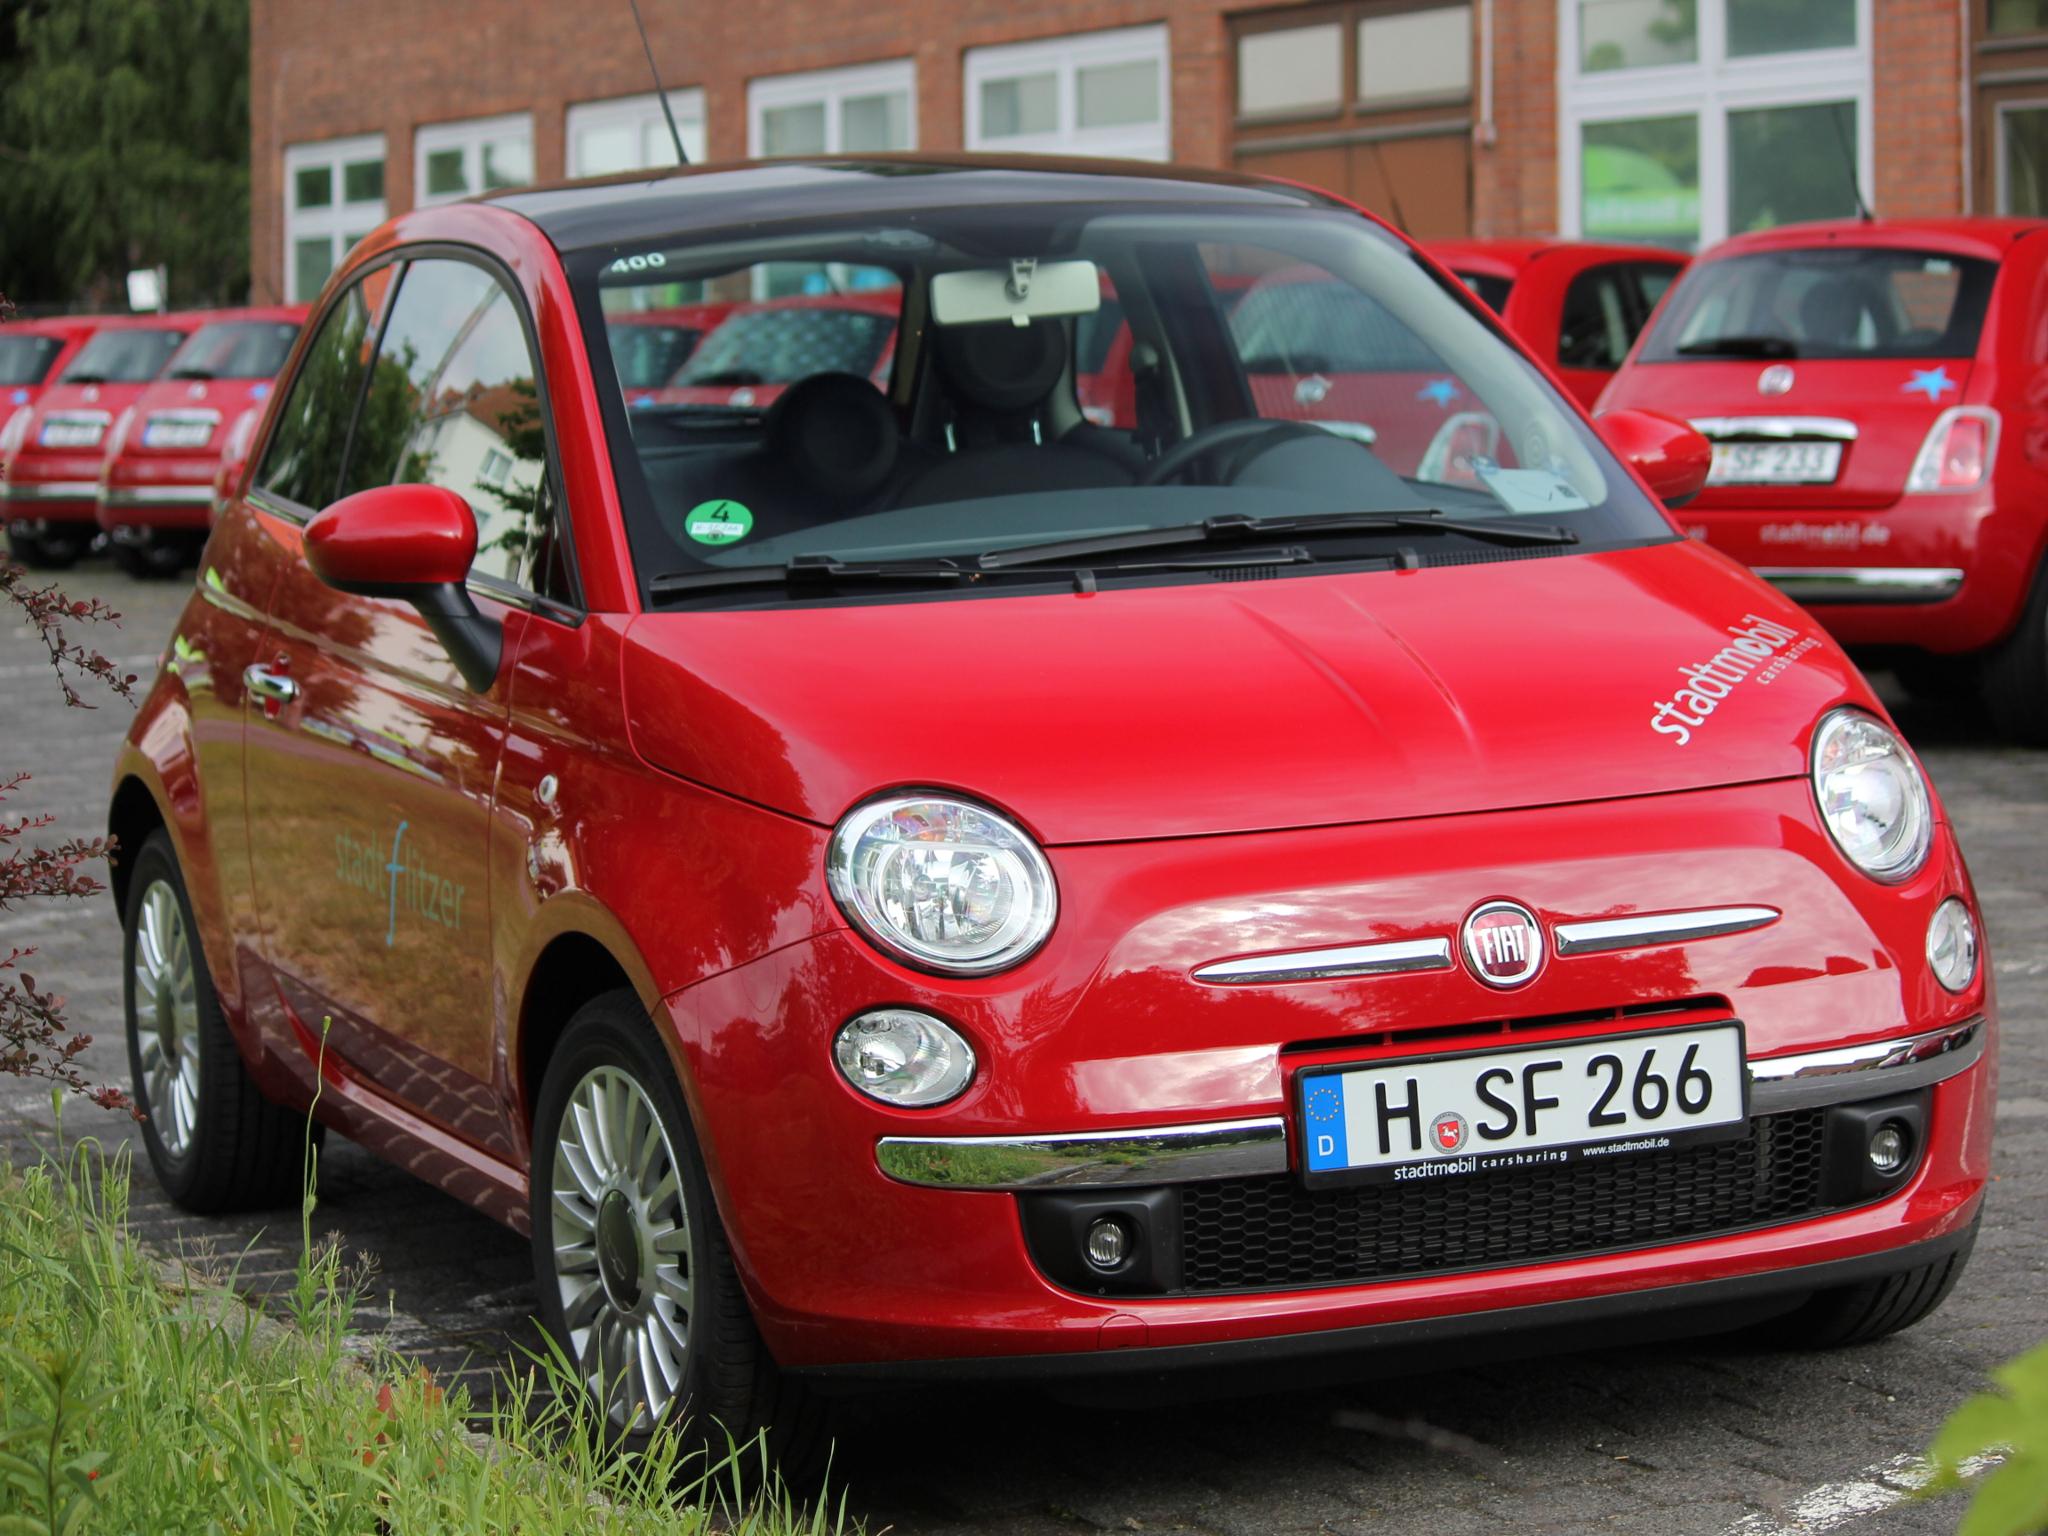 Roter Kleinwagen auf Abstellplatz.